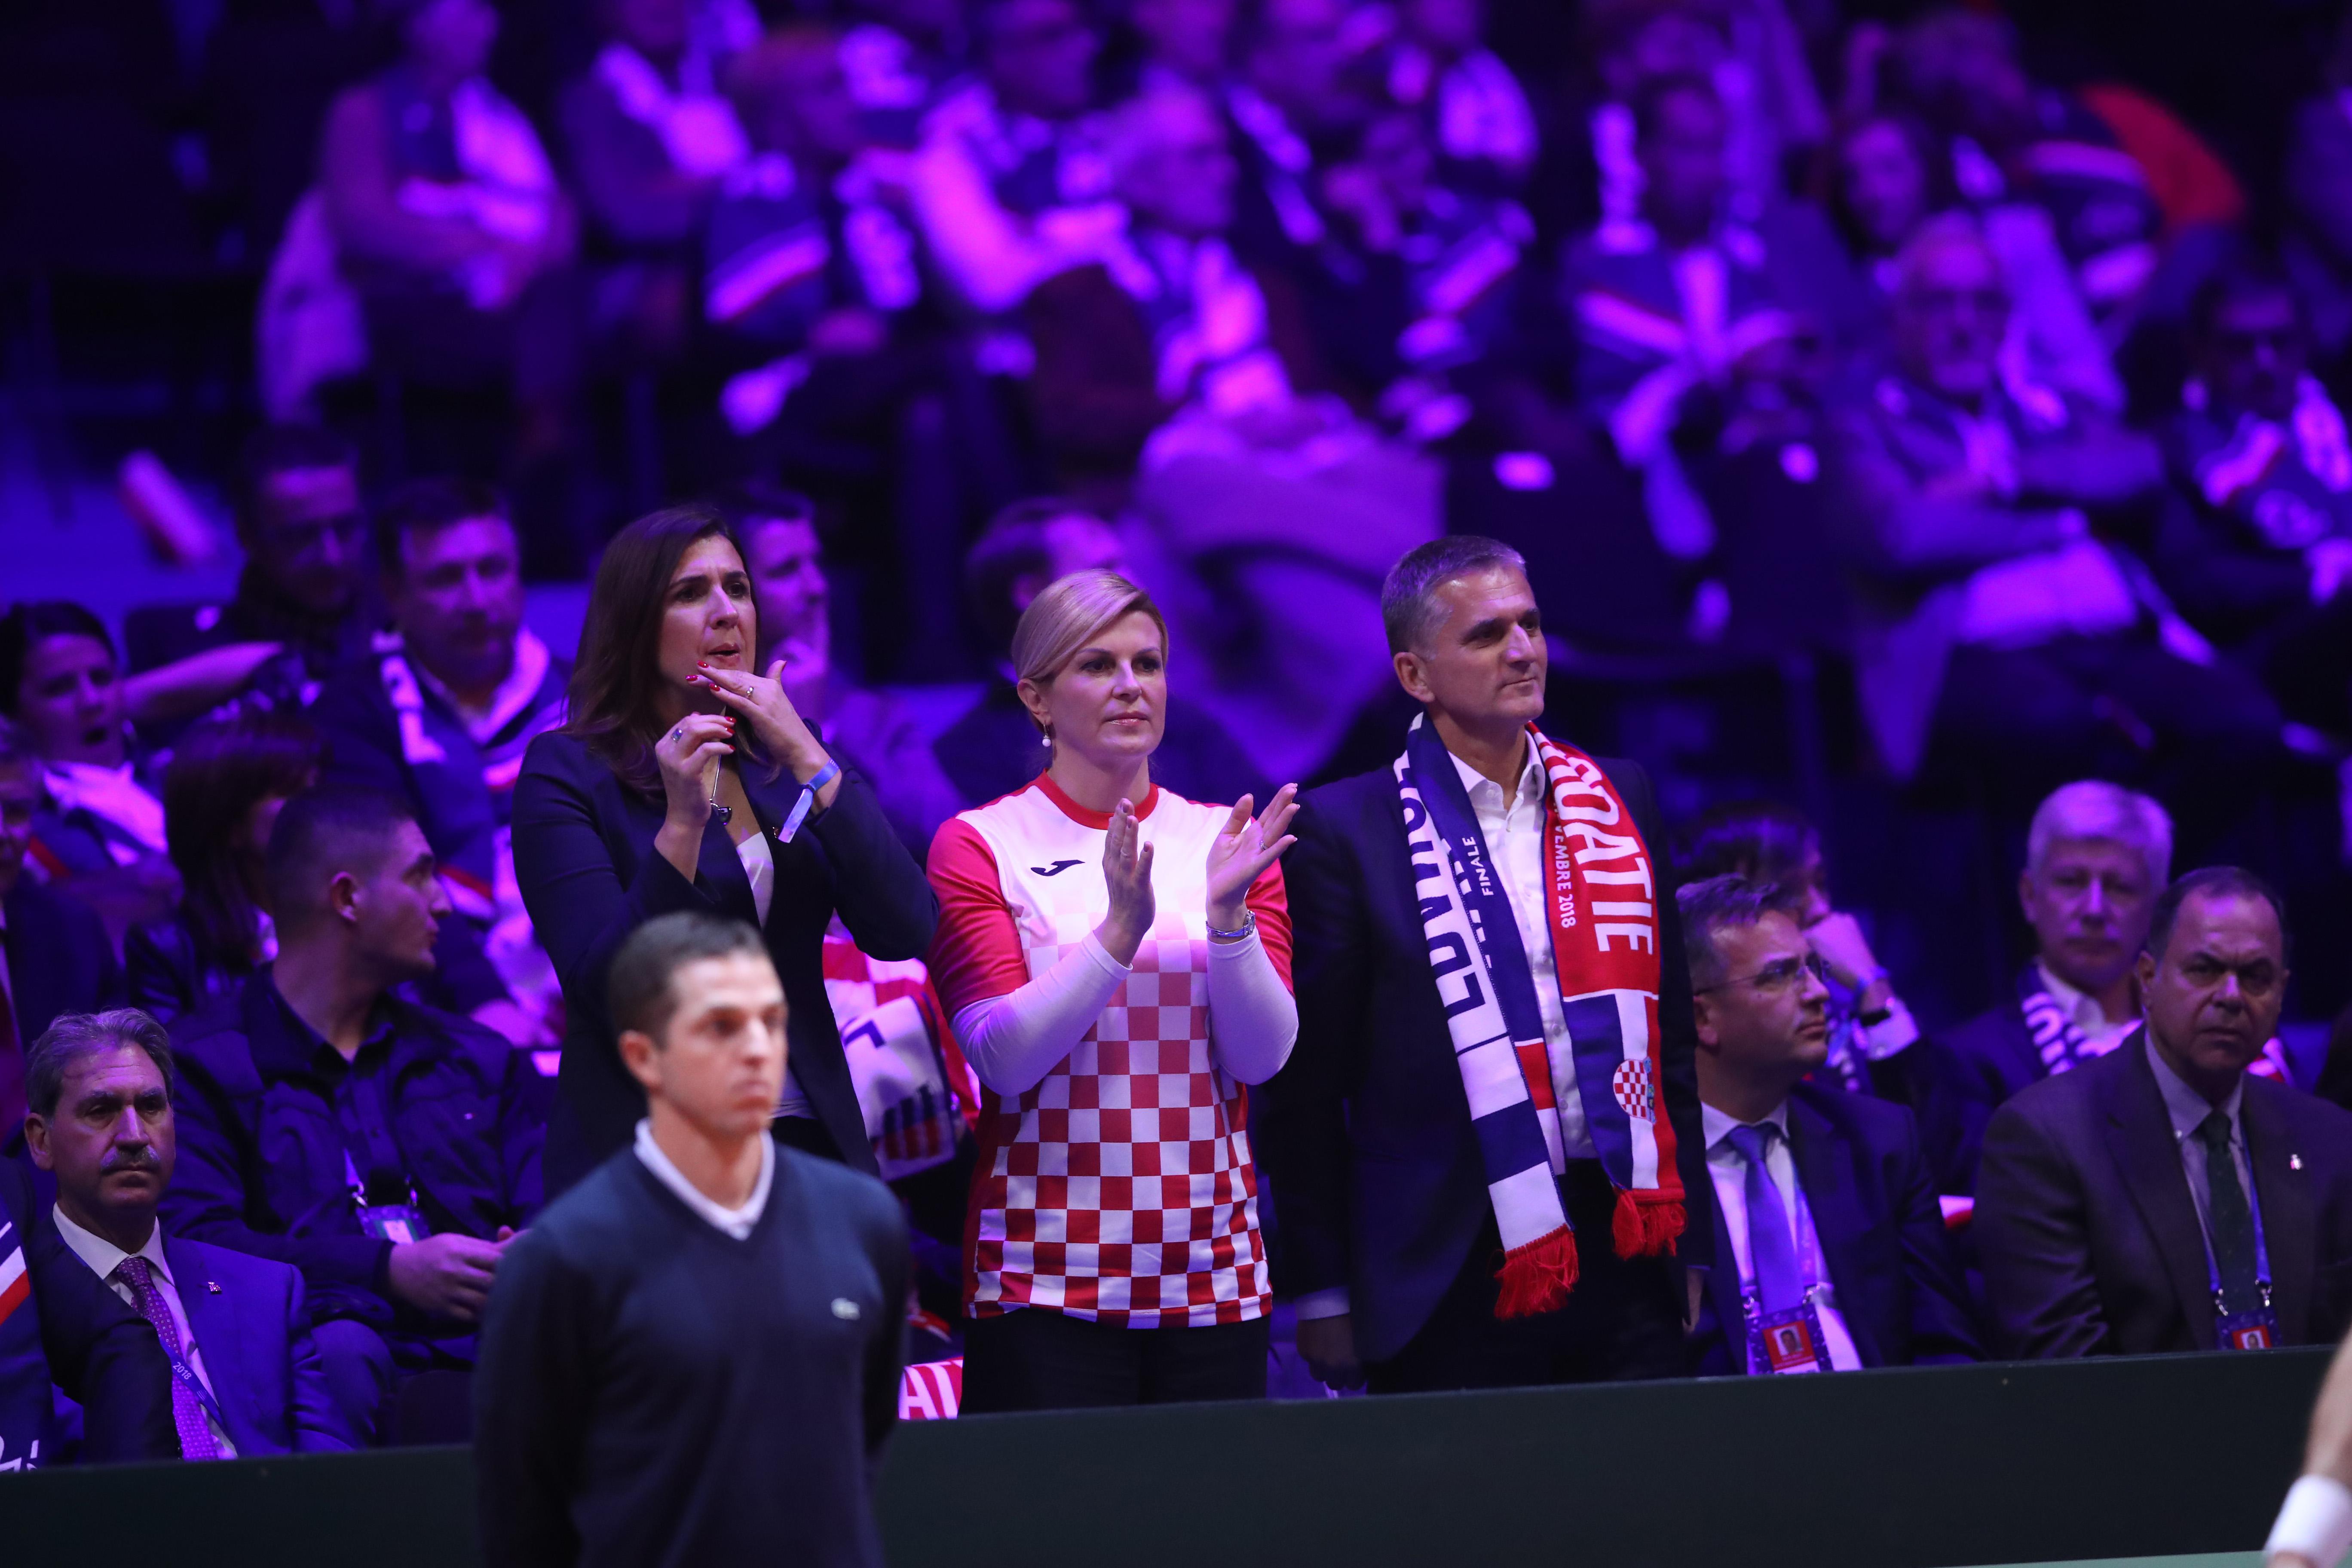 Predsjednica čestitala Ćoriću na pobjedi